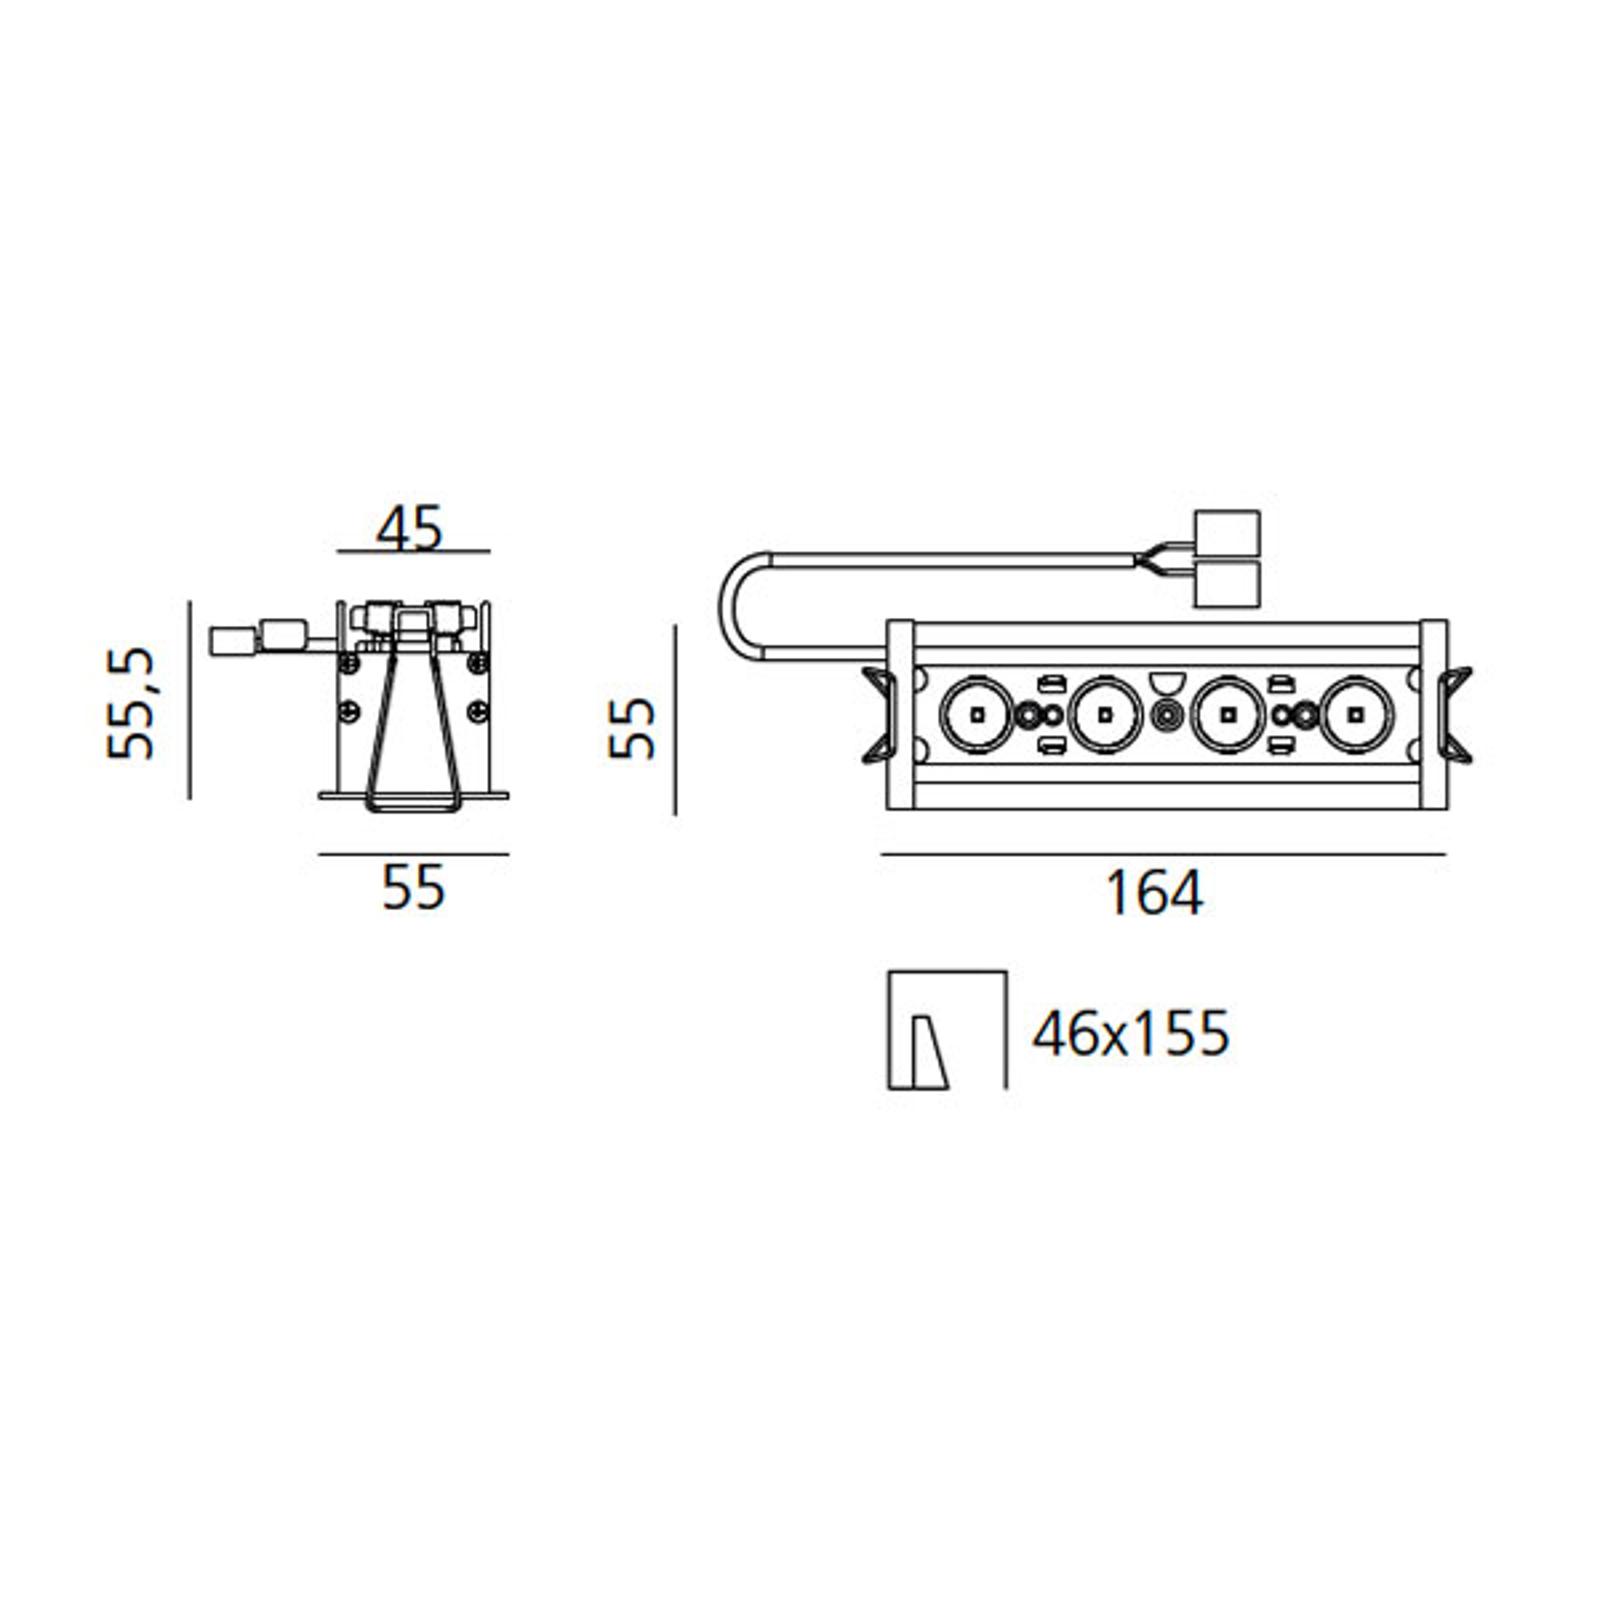 Artemide Einbaustrahler Sharp RCS TRIM 4-flg. 11W